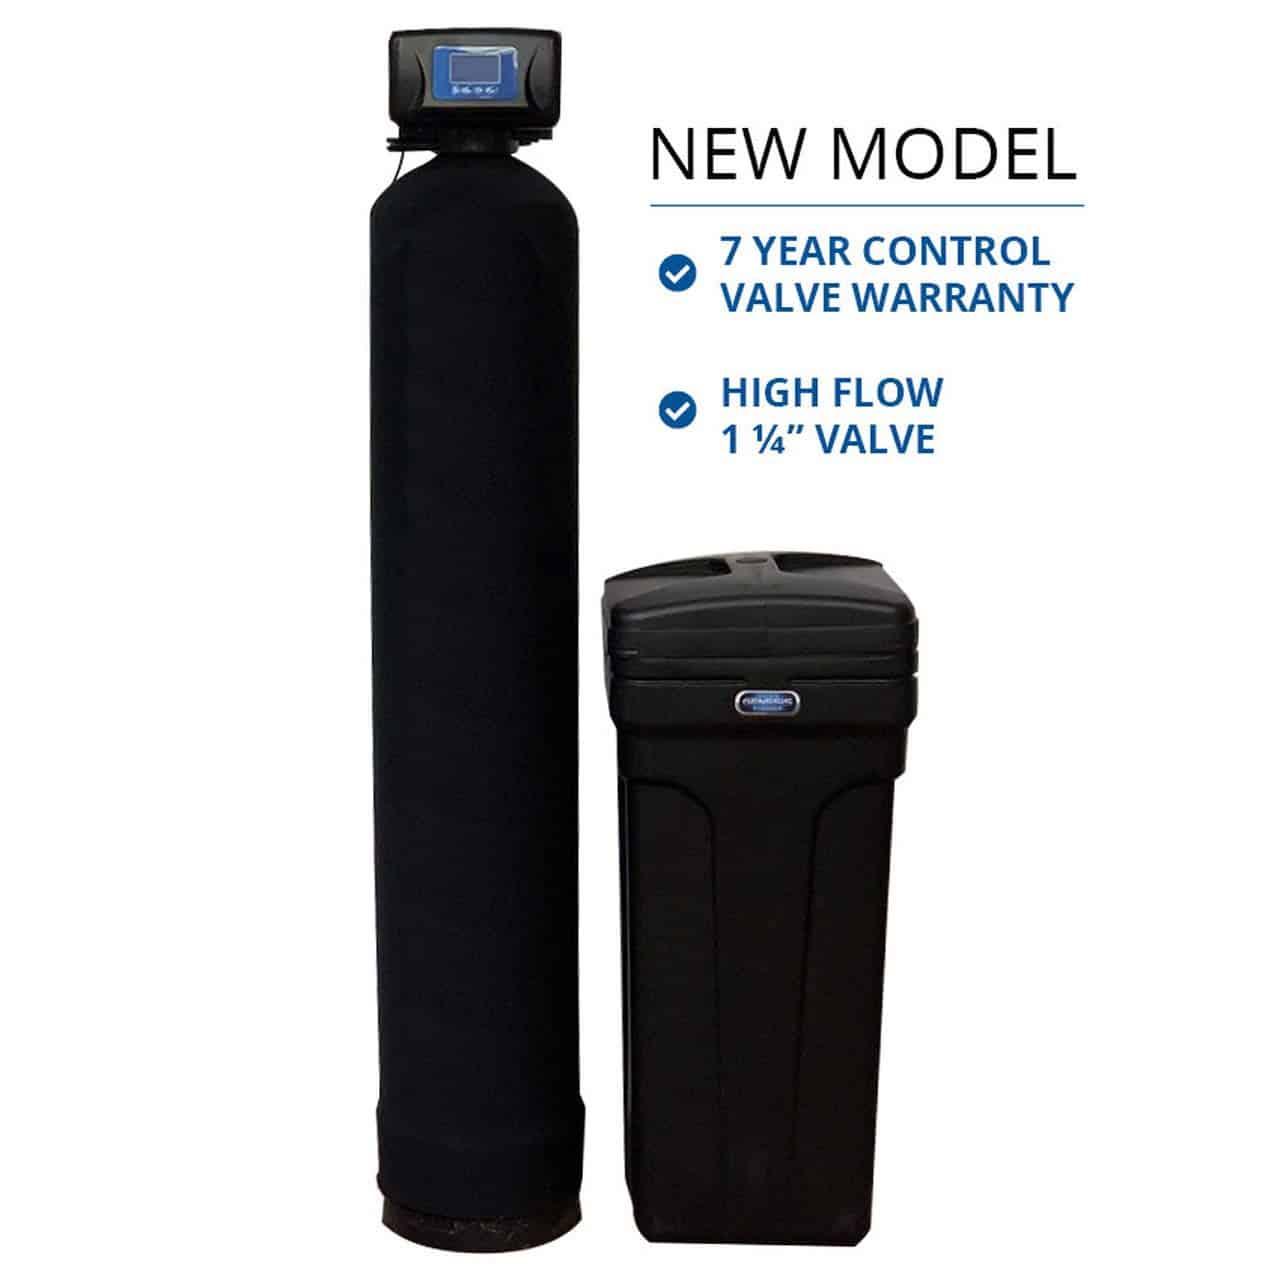 Genesis 2 High-Efficiency Water Softener